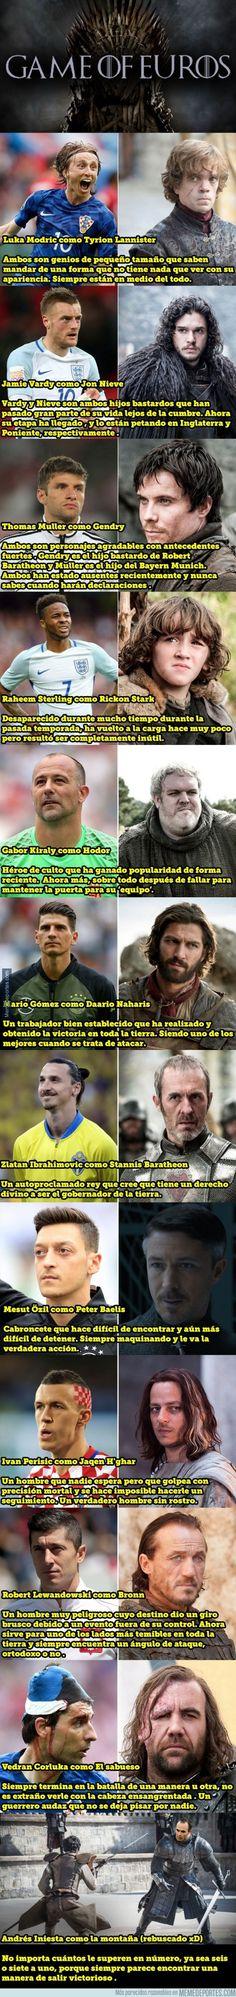 883496 - 12 estrellas de la Euro 2016 si fueran personajes de Juego de Tronos